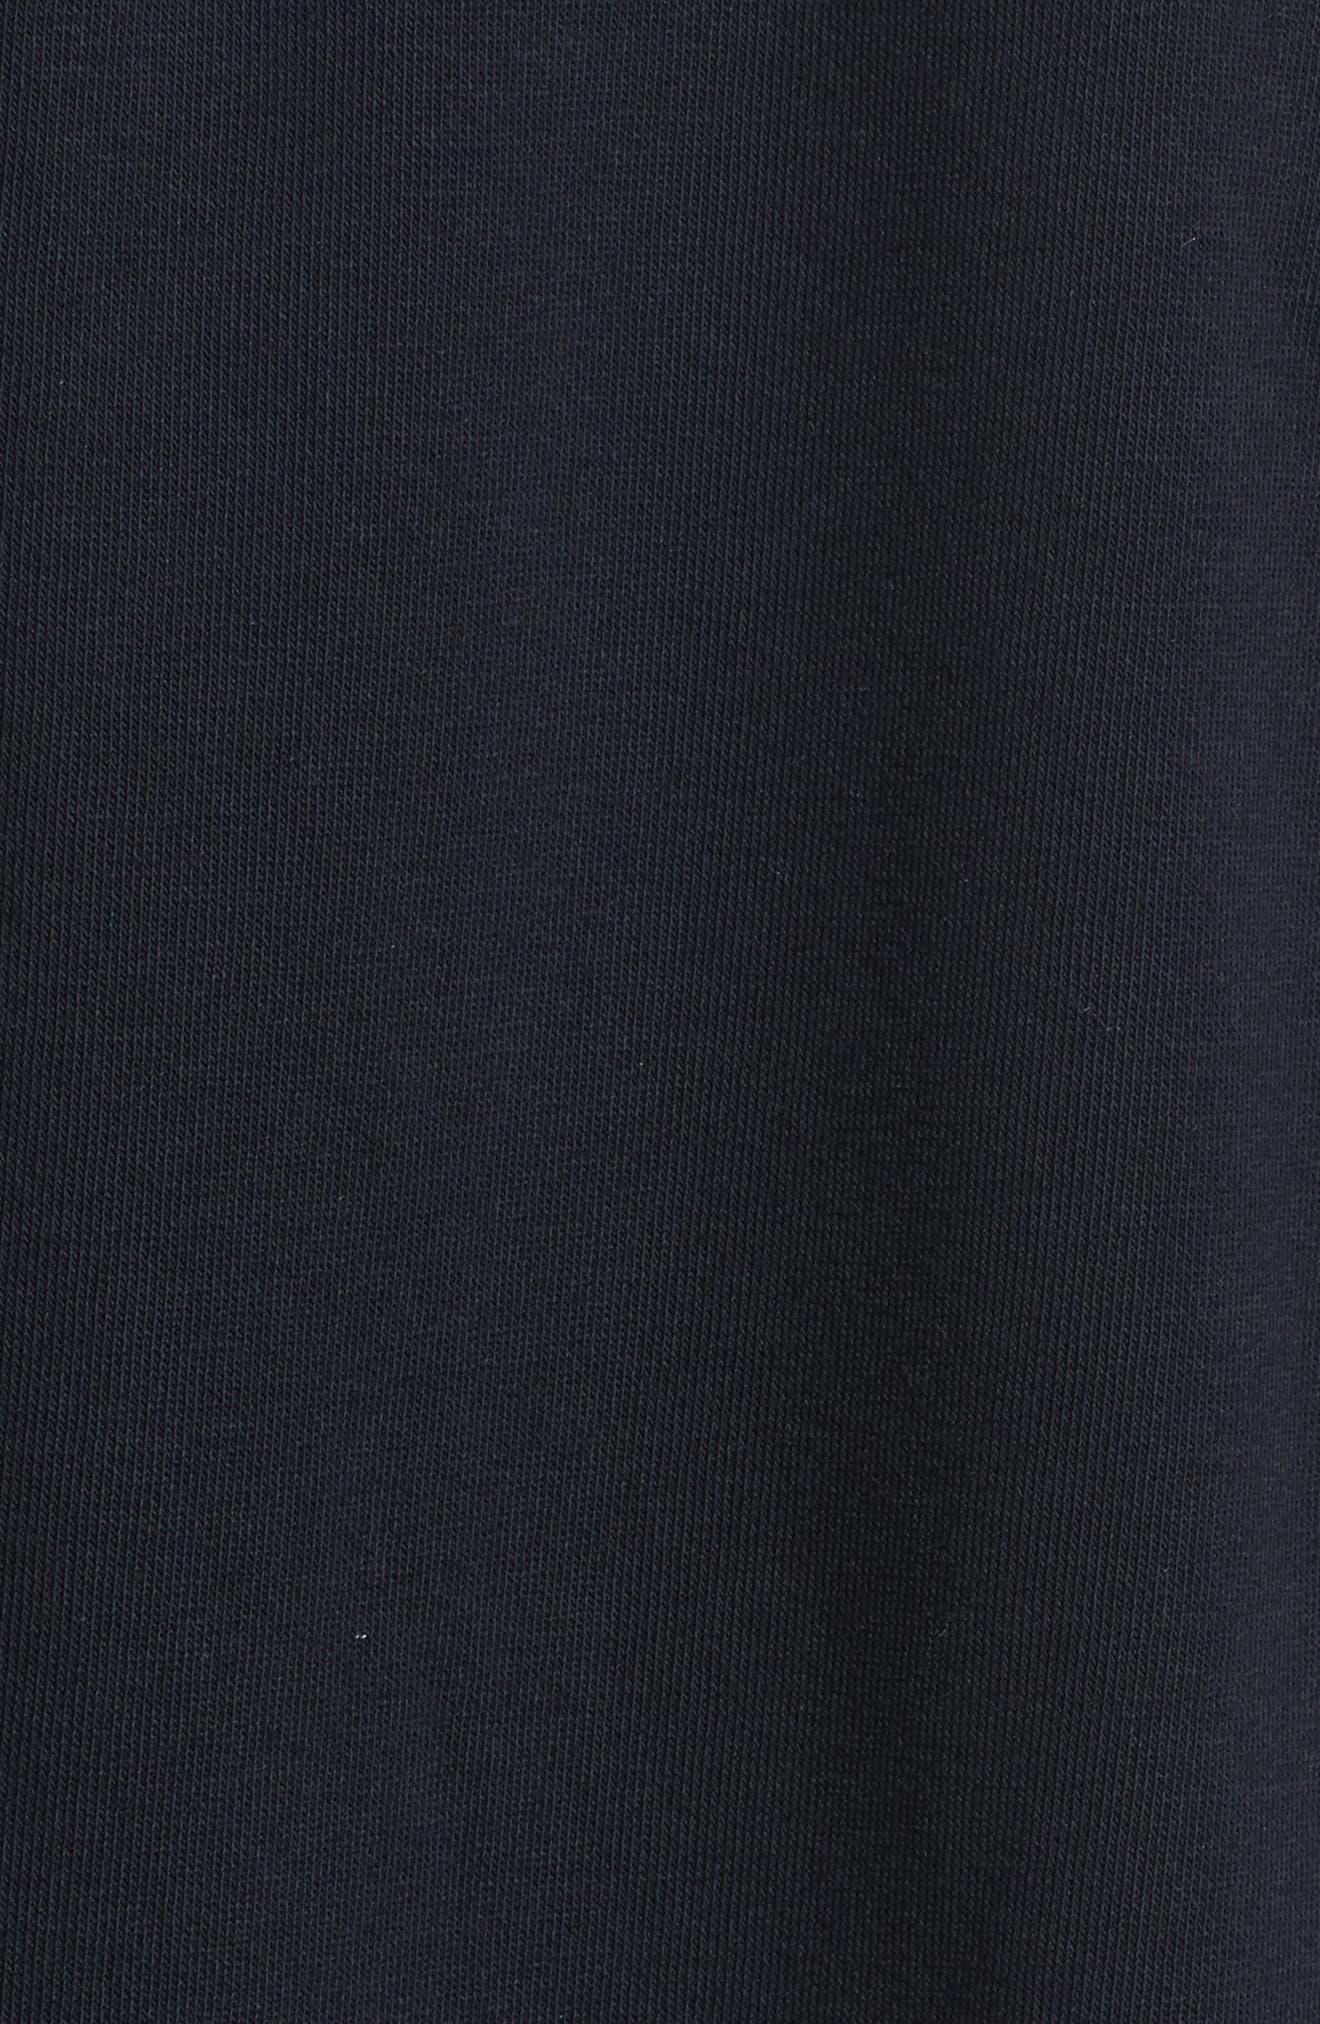 Logo Back Jogger Pants,                             Alternate thumbnail 6, color,                             Black